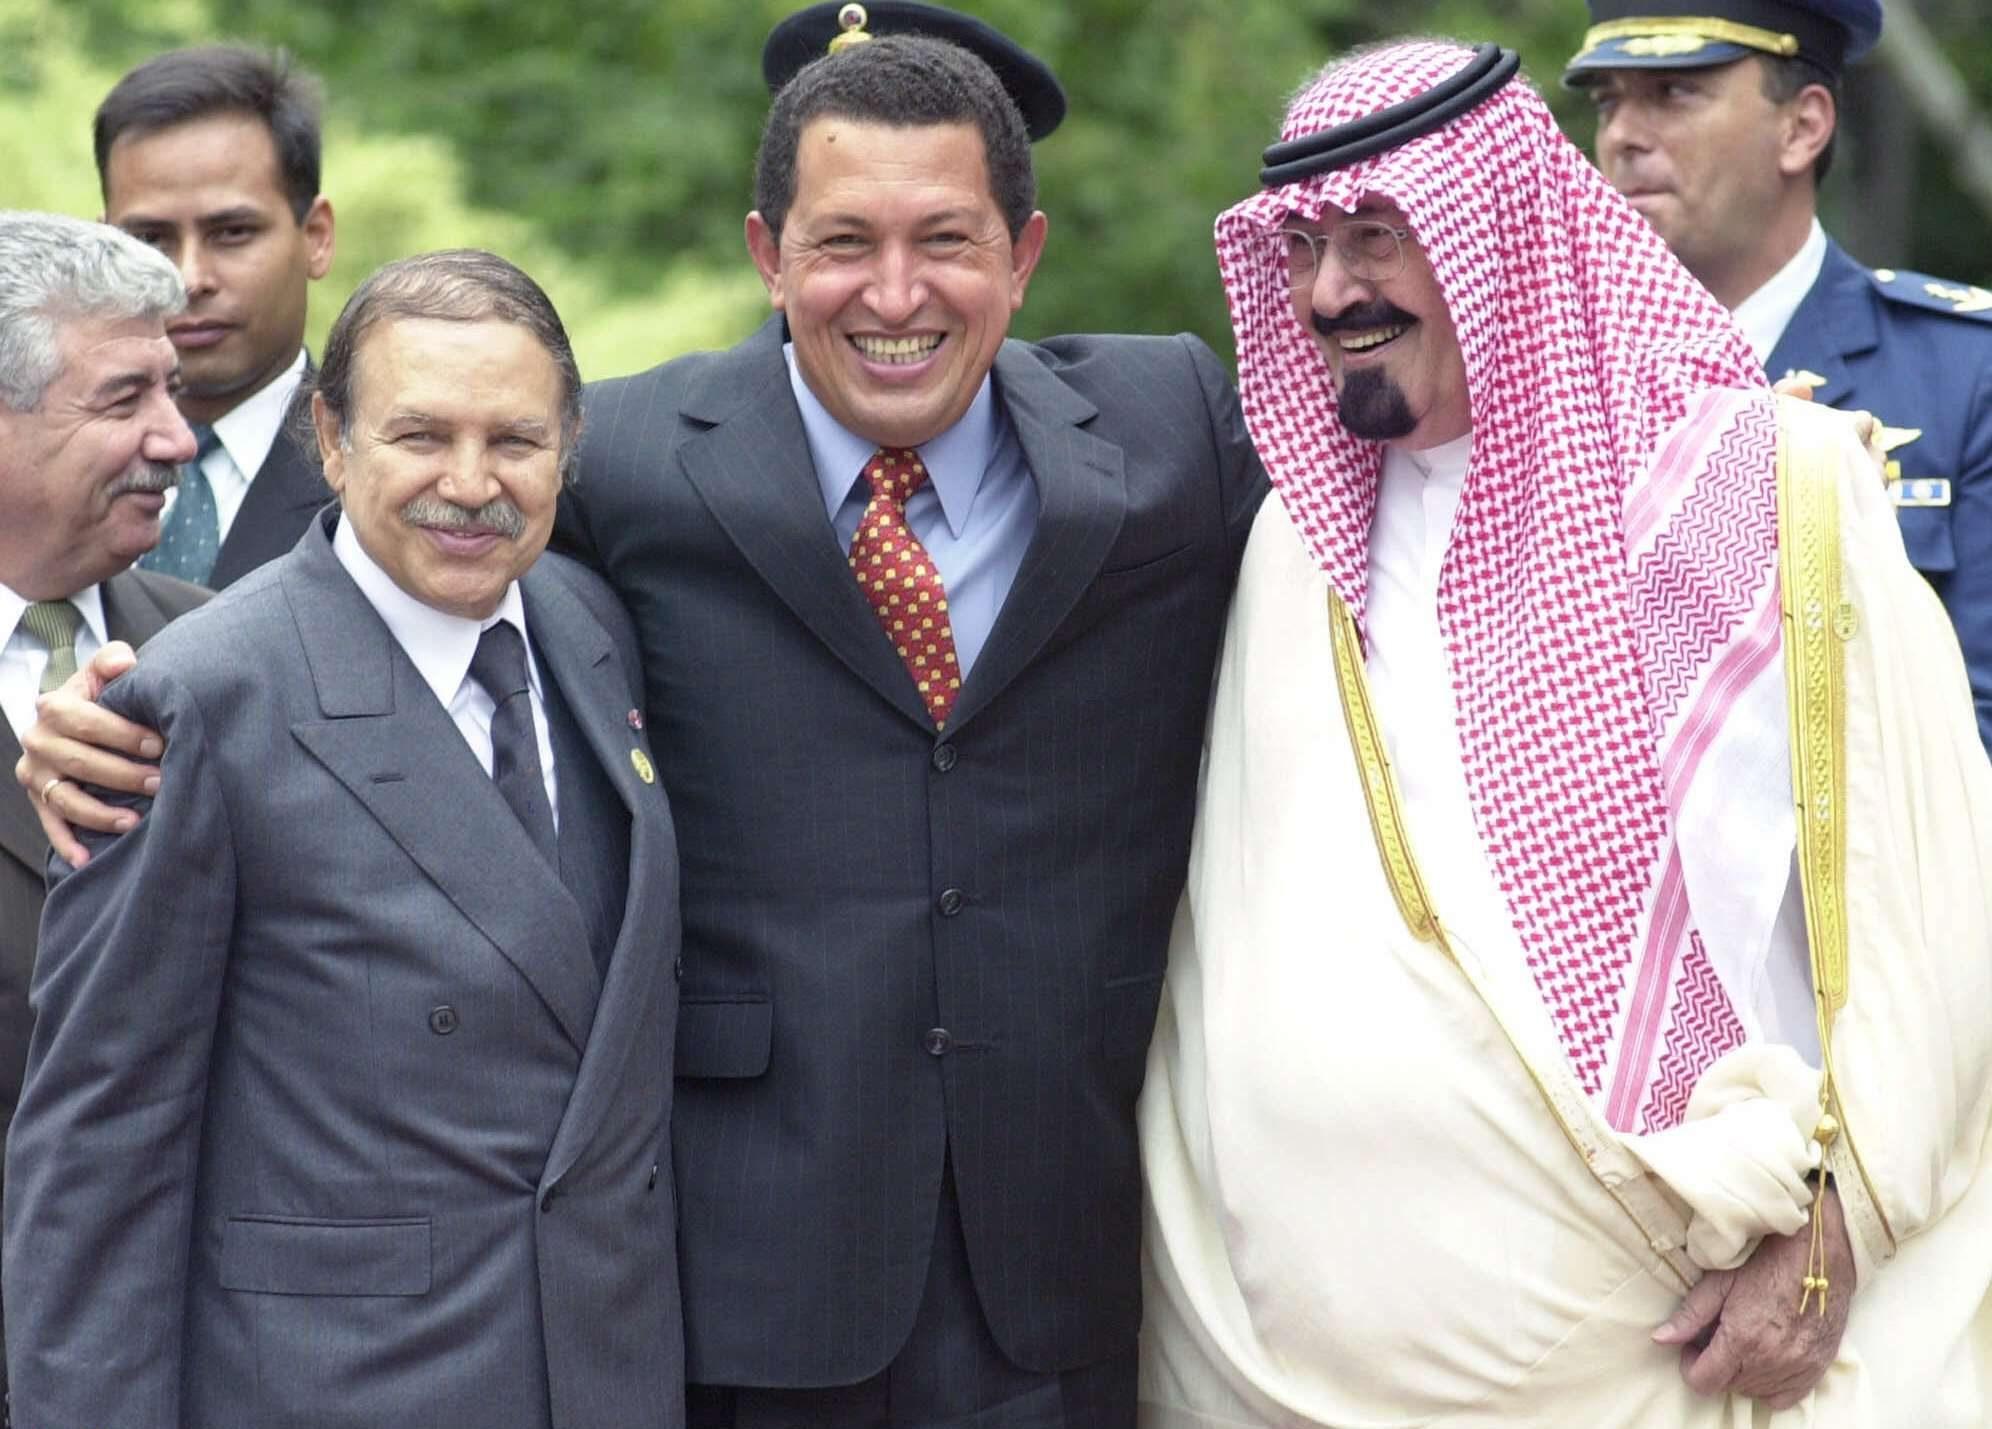 De gauche à droite, Abdelaziz Bouteflika, Hugo Chavez et le roi Salman d'Arabie saoudite, en 2000 lors d'un sommet de l'Opep à Caracas.